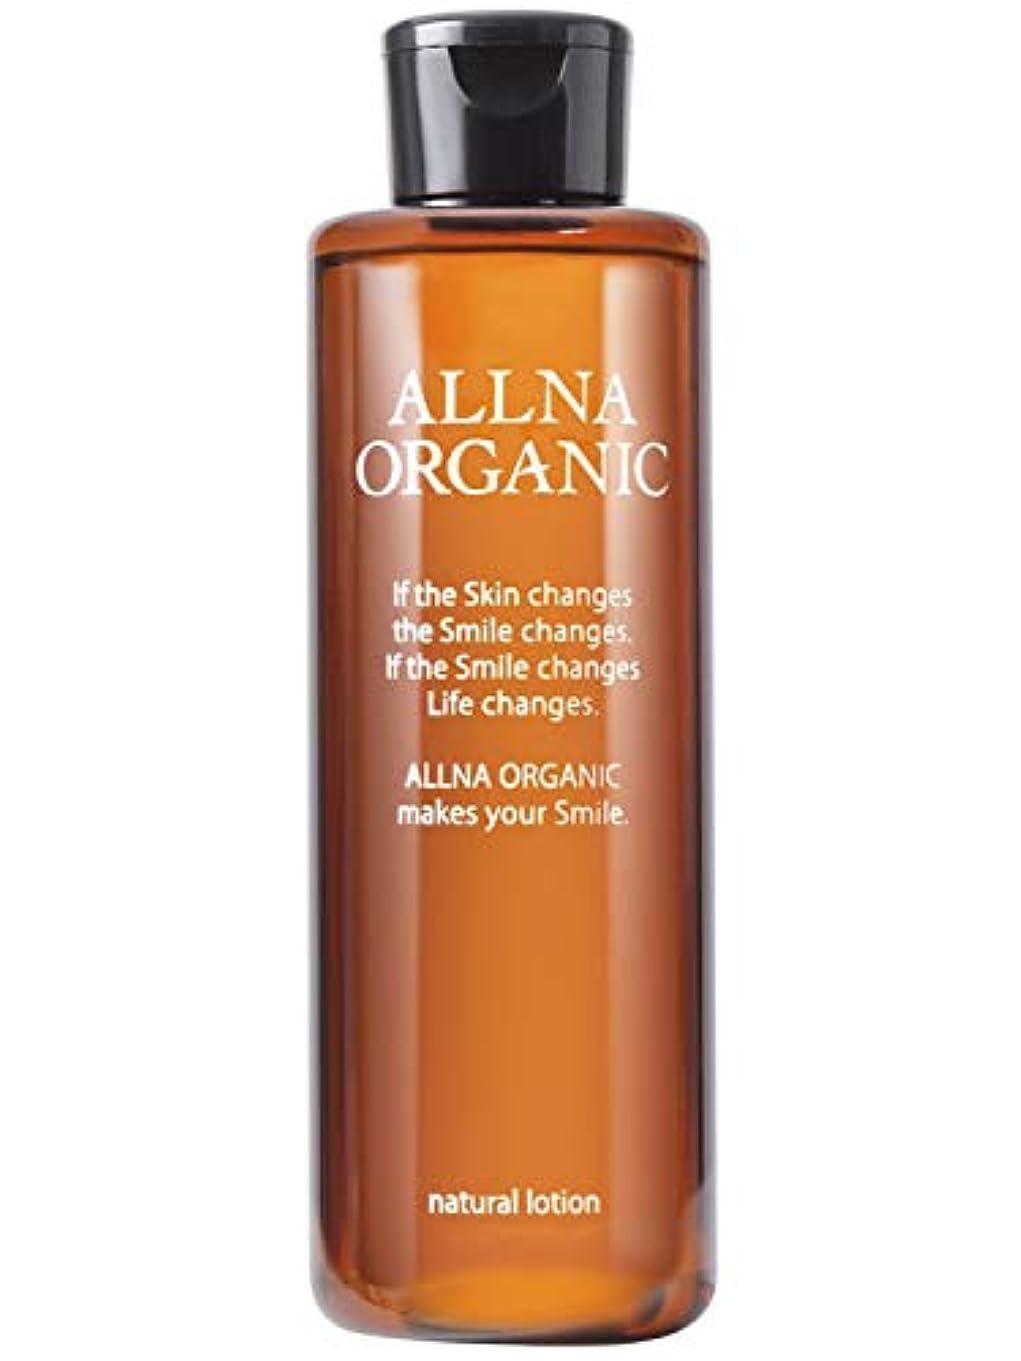 過半数アルコールミルオルナ オーガニック 化粧水 「 保湿 乾燥 かさつき 用」「 コラーゲン ビタミンC誘導体 ヒアルロン酸 セラミド 配合」200ml